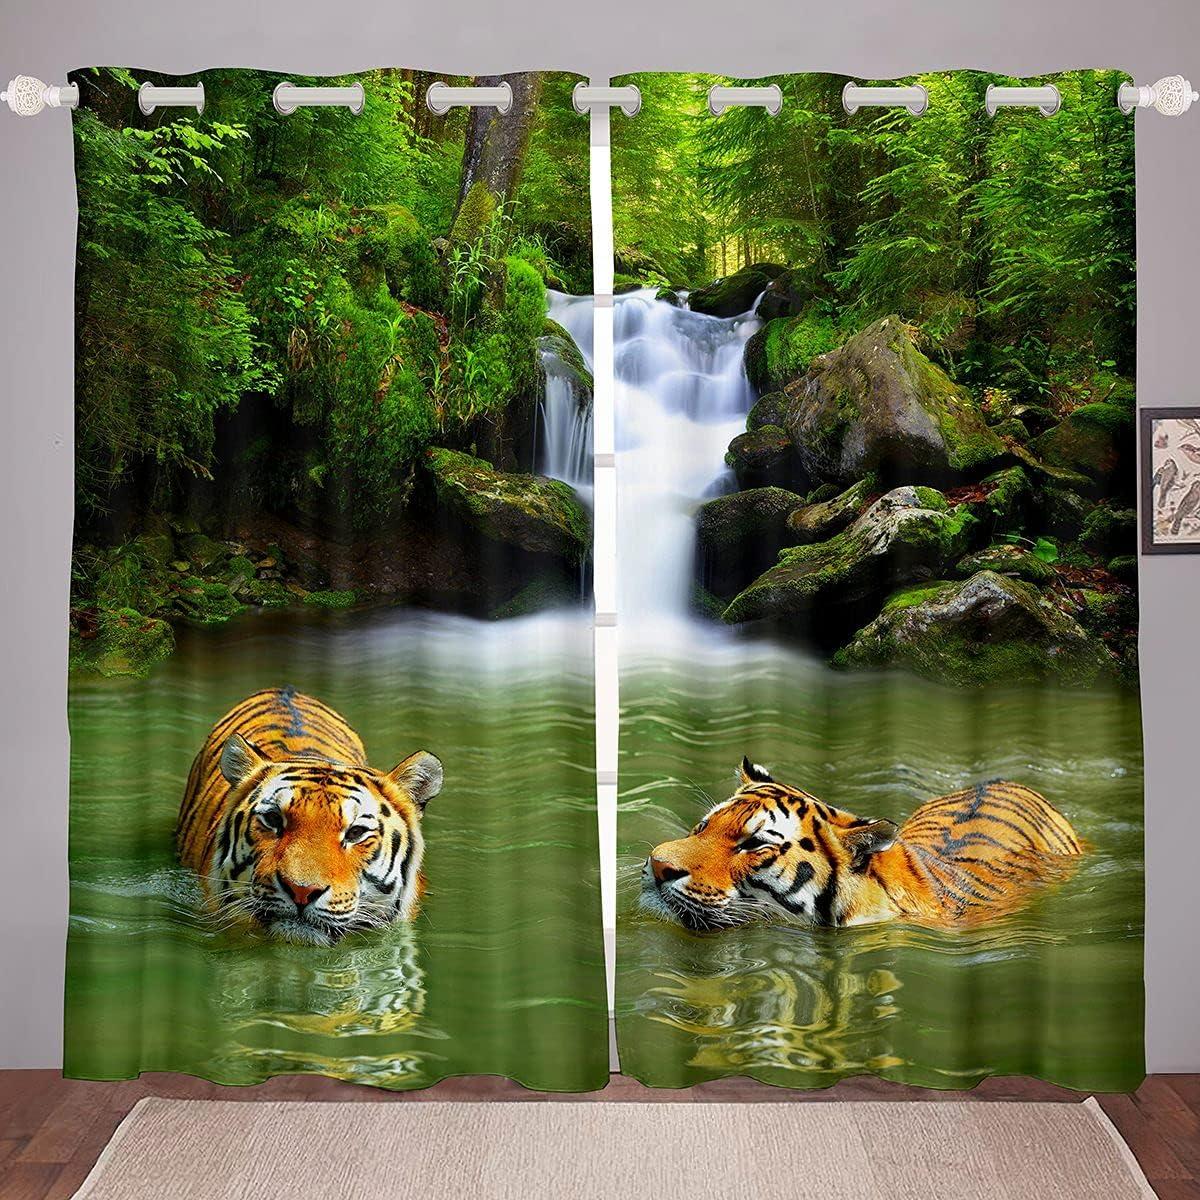 ブランド激安セール会場 Tiger Window Curtains Waterfall Natural Curtain For 付与 K Landscape